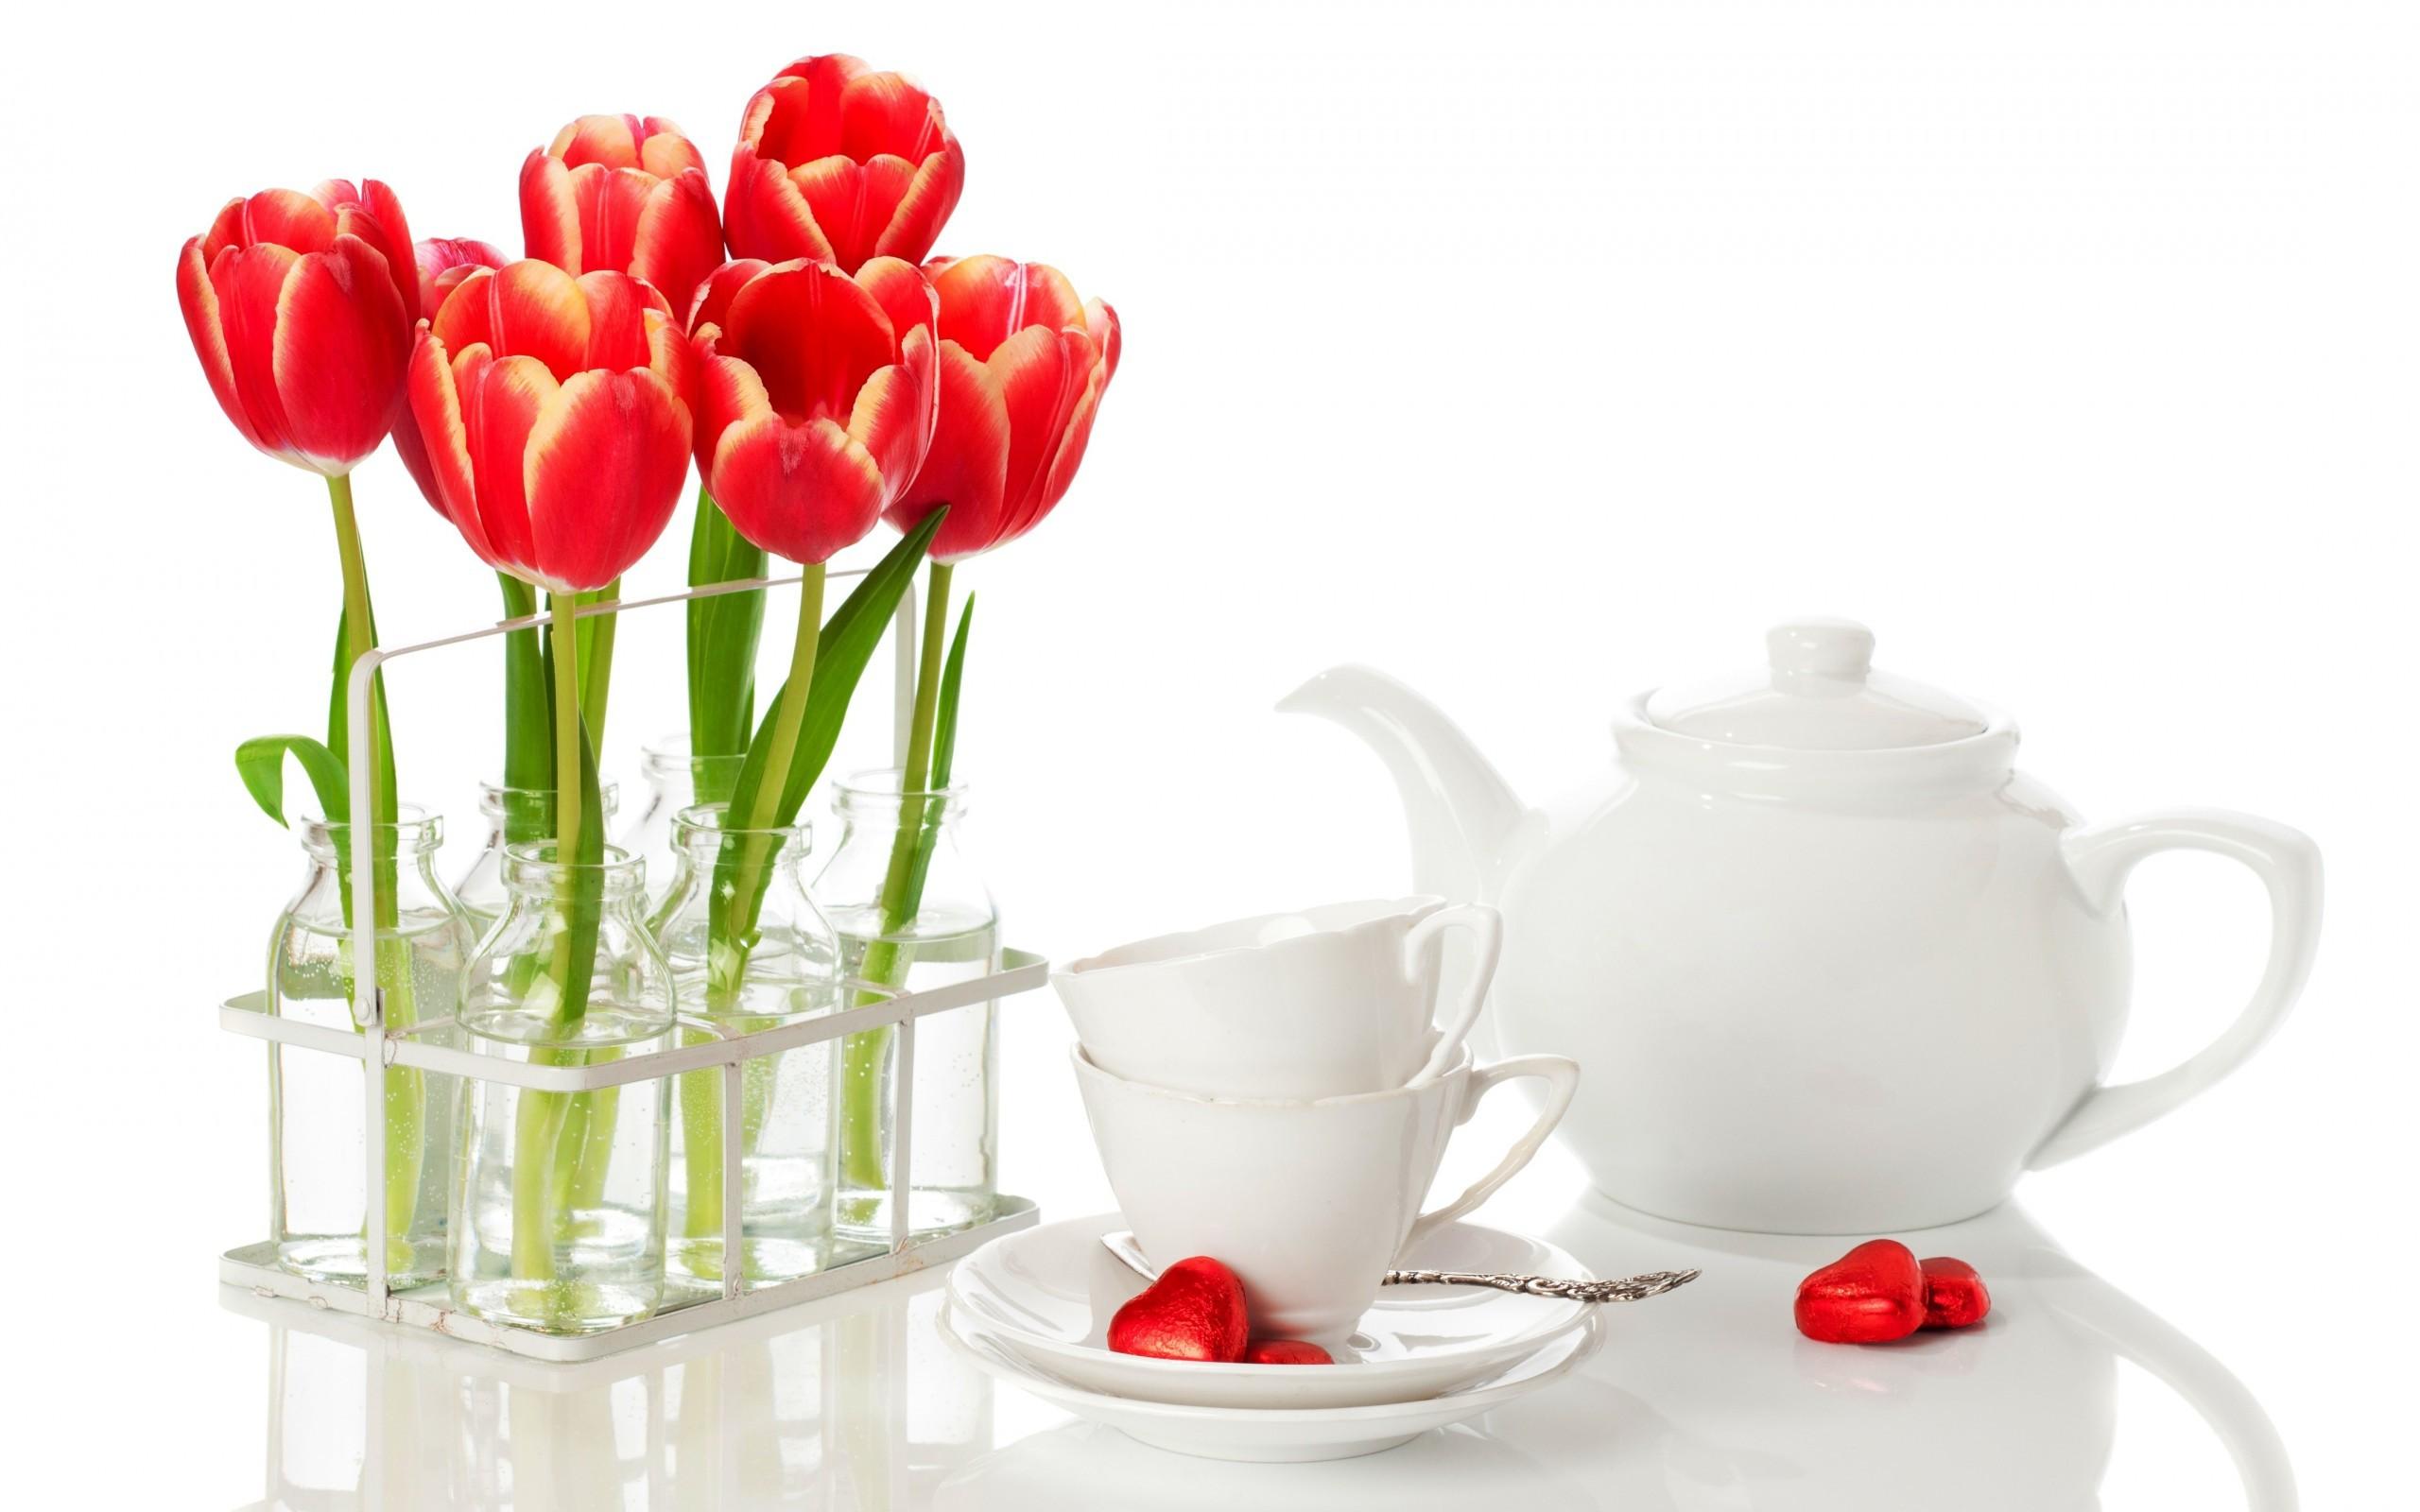 33980 Hintergrundbild herunterladen Hintergrund, Pflanzen, Blumen, Tulpen, Bouquets - Bildschirmschoner und Bilder kostenlos